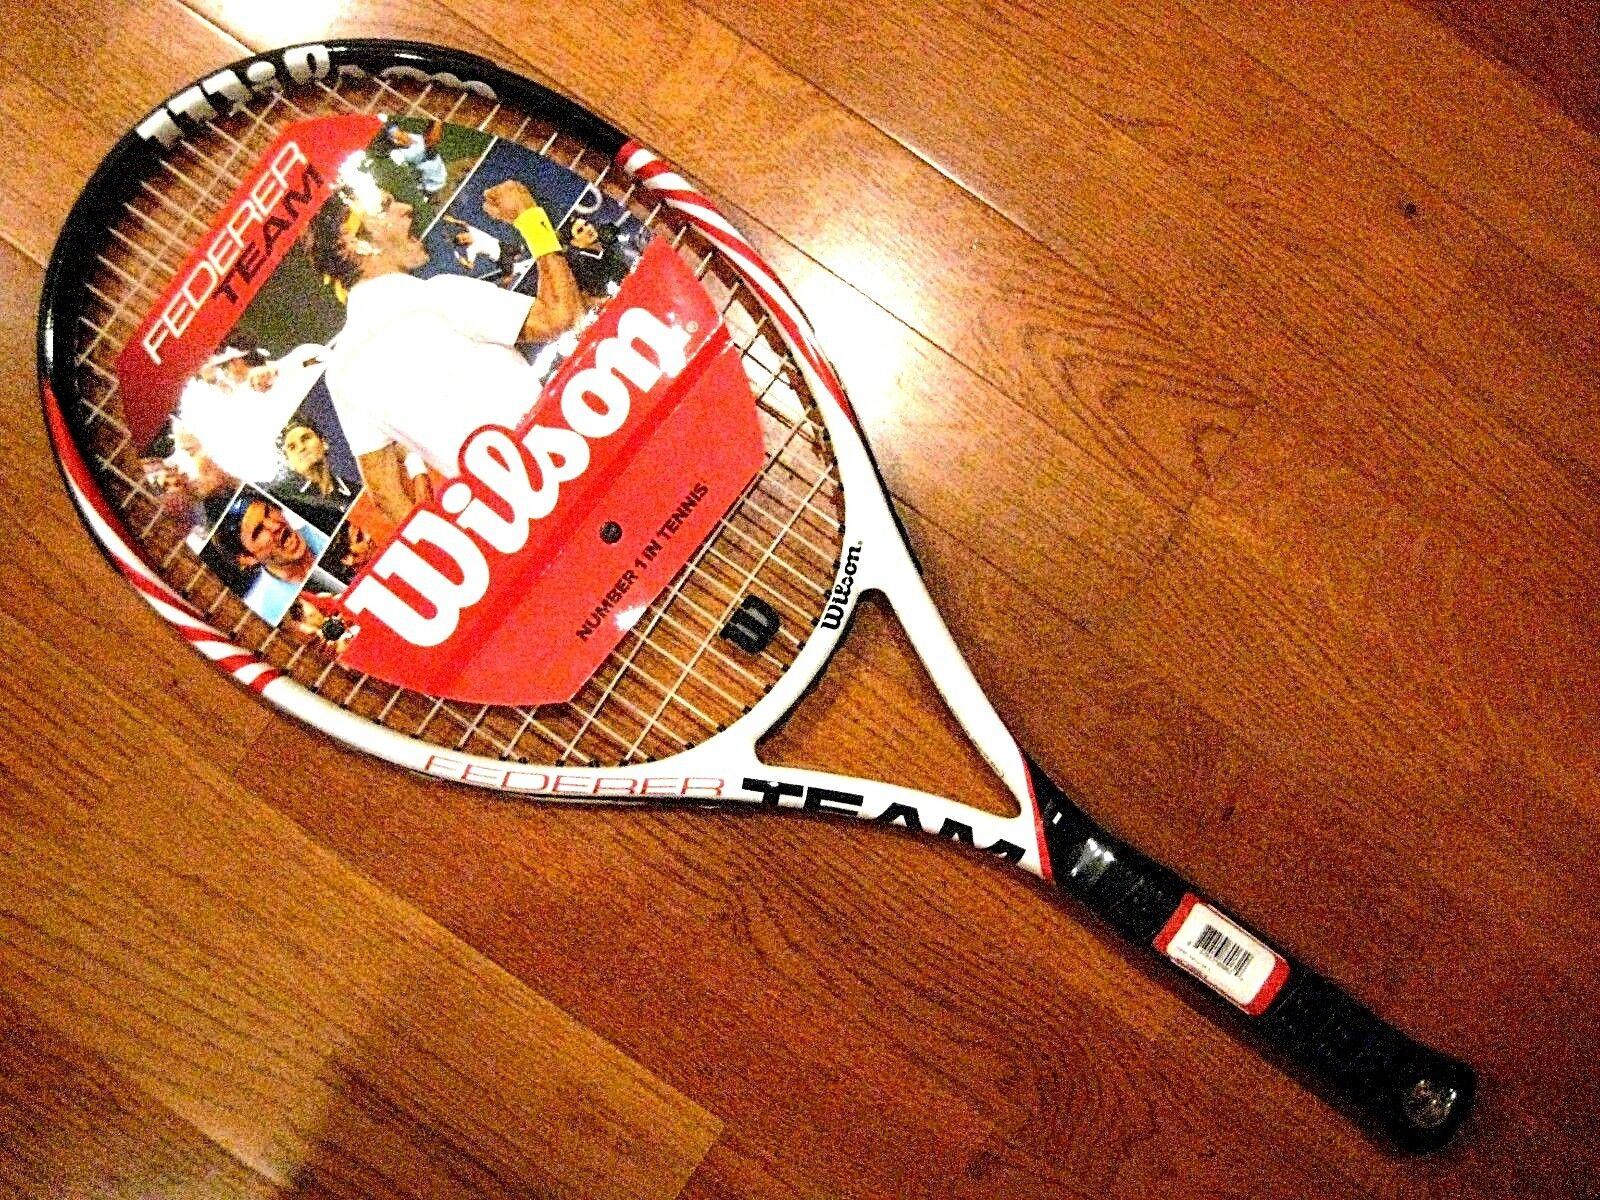 Wilson Federer Team Tennis Racquet - Brand New  - Strung